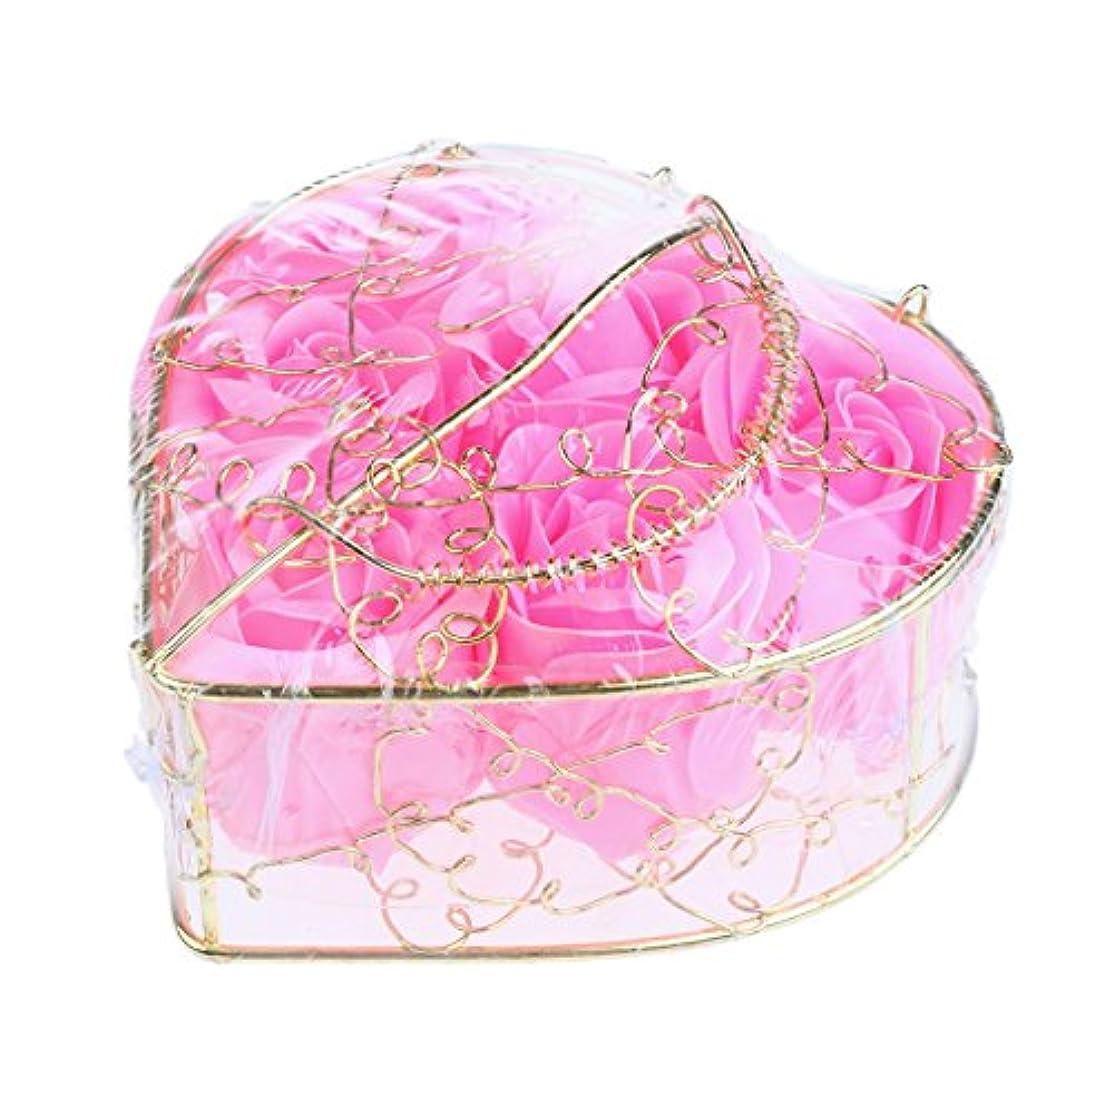 ディレイ邪魔する弁護人Perfk 6個 石鹸の花 石鹸花  造花 フラワー バラ ソープフラワー  シャボンフラワー  フラワーボックス プレゼント 全5タイプ選べる - ピンク